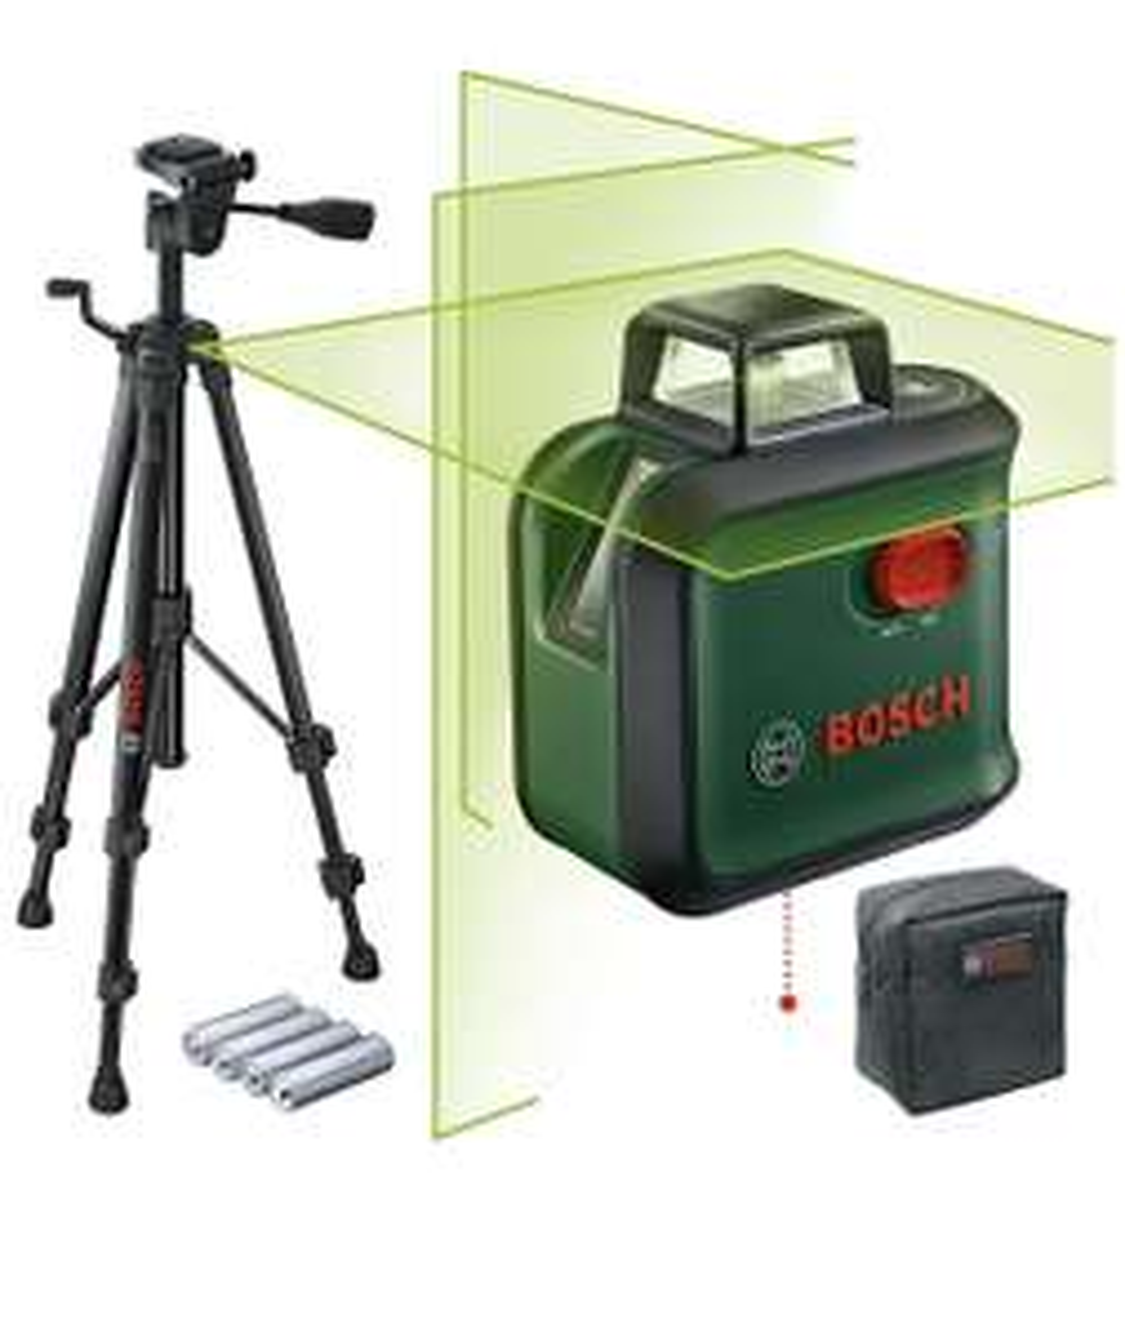 Niveau laser Bosch AdvancedLevel 360 + Trépied